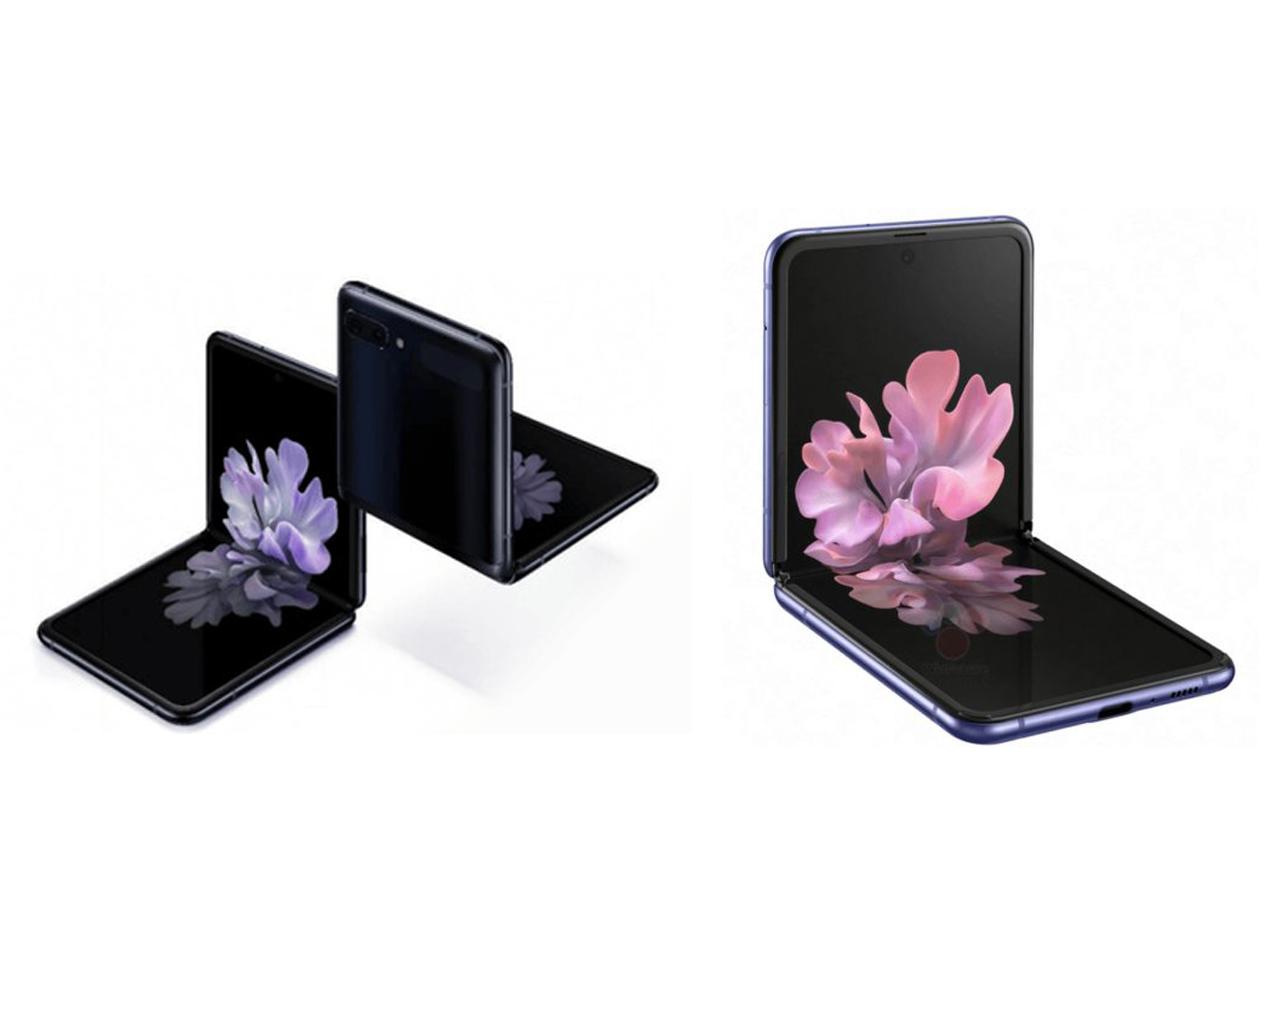 تسريب صور أكثر دقة لهاتف سامسونج القابل للطي Galaxy Z Flip